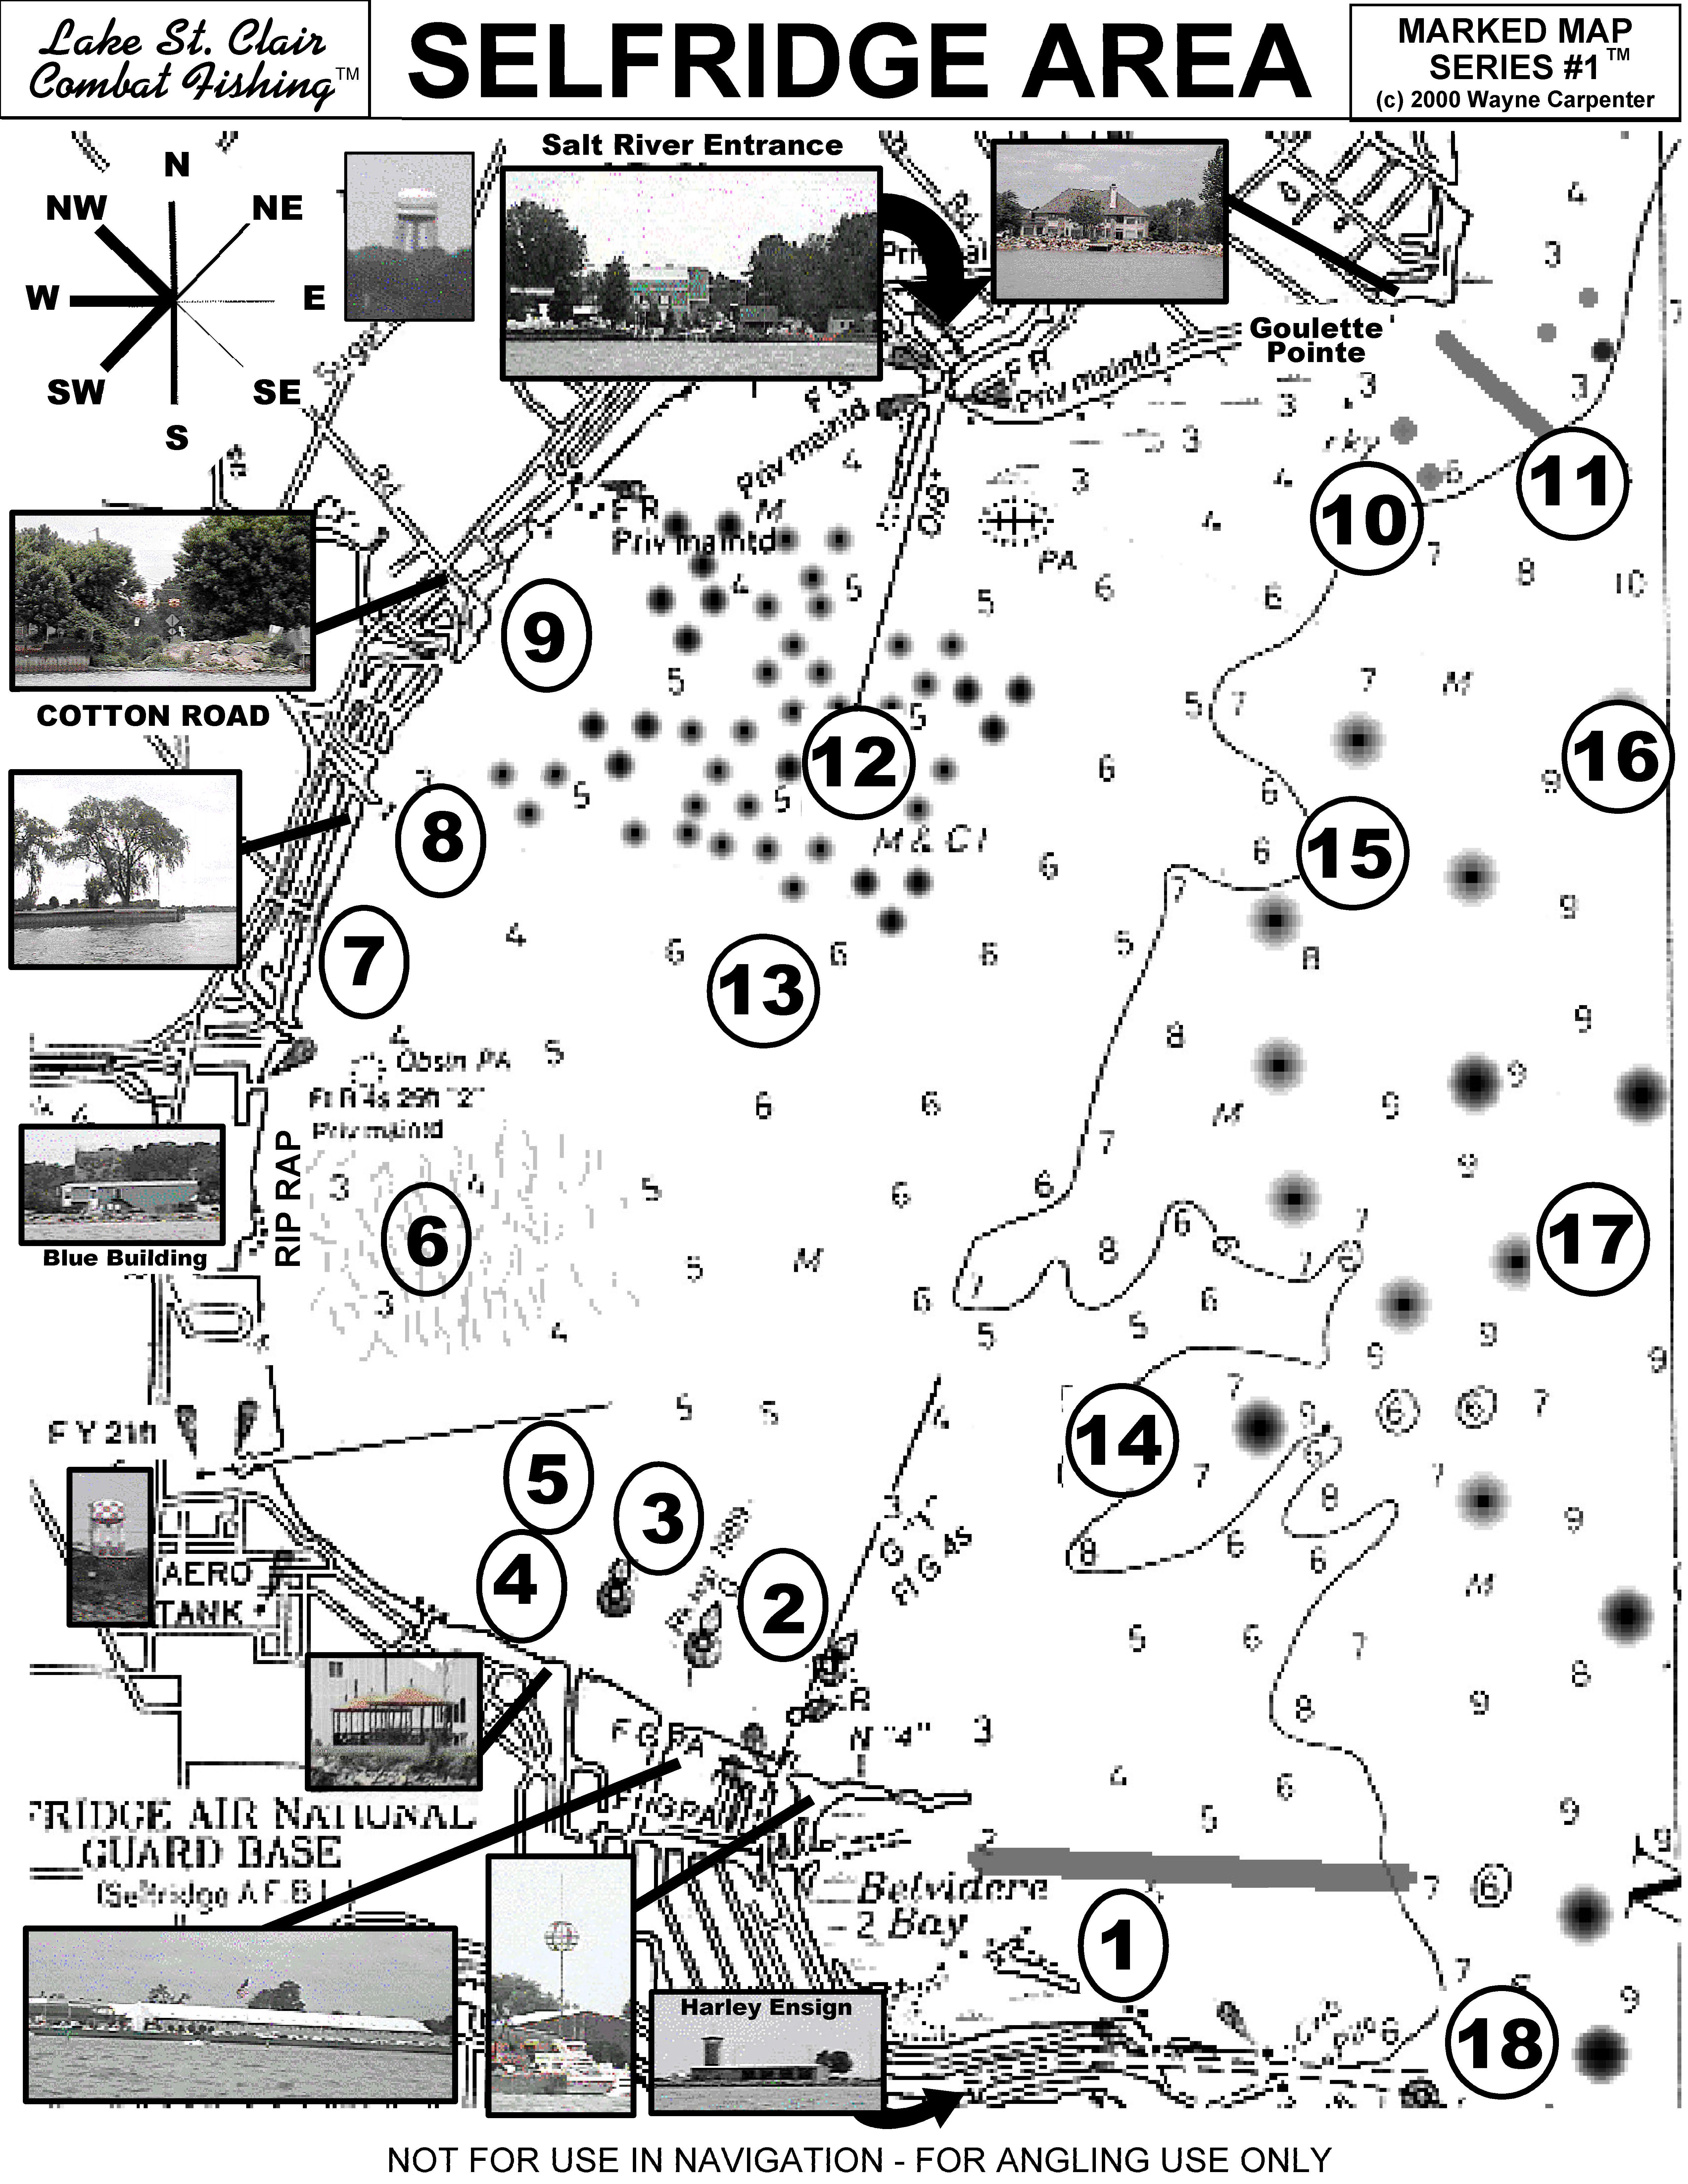 lake st clair fishing map Lake St Clair Marked Maps Series 1 2 Capt Wayne Carpenter S lake st clair fishing map